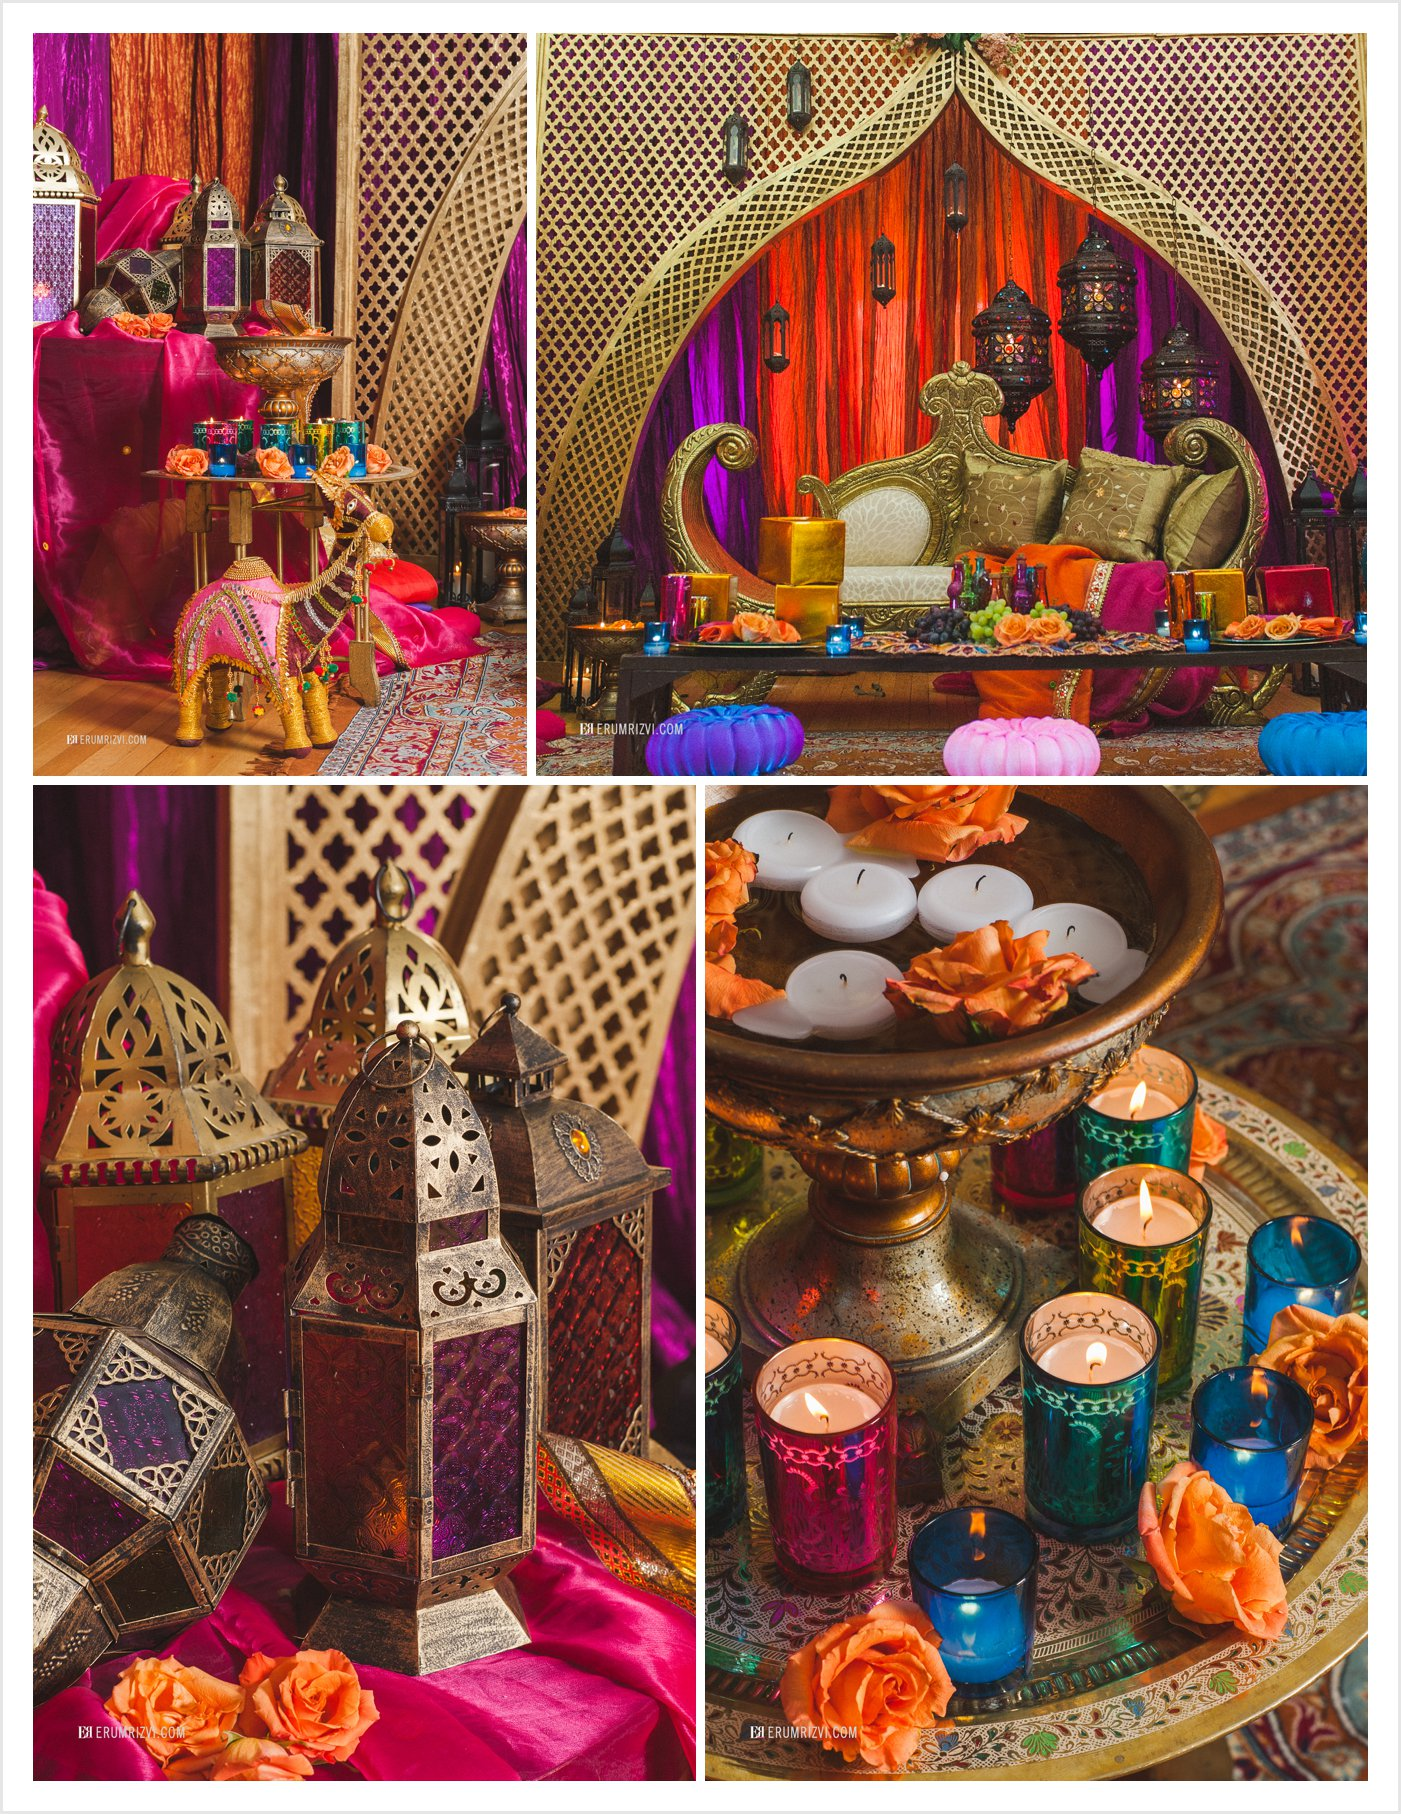 Rajasthani Indian Themed Wedding Decor, Wedding Photographer DC